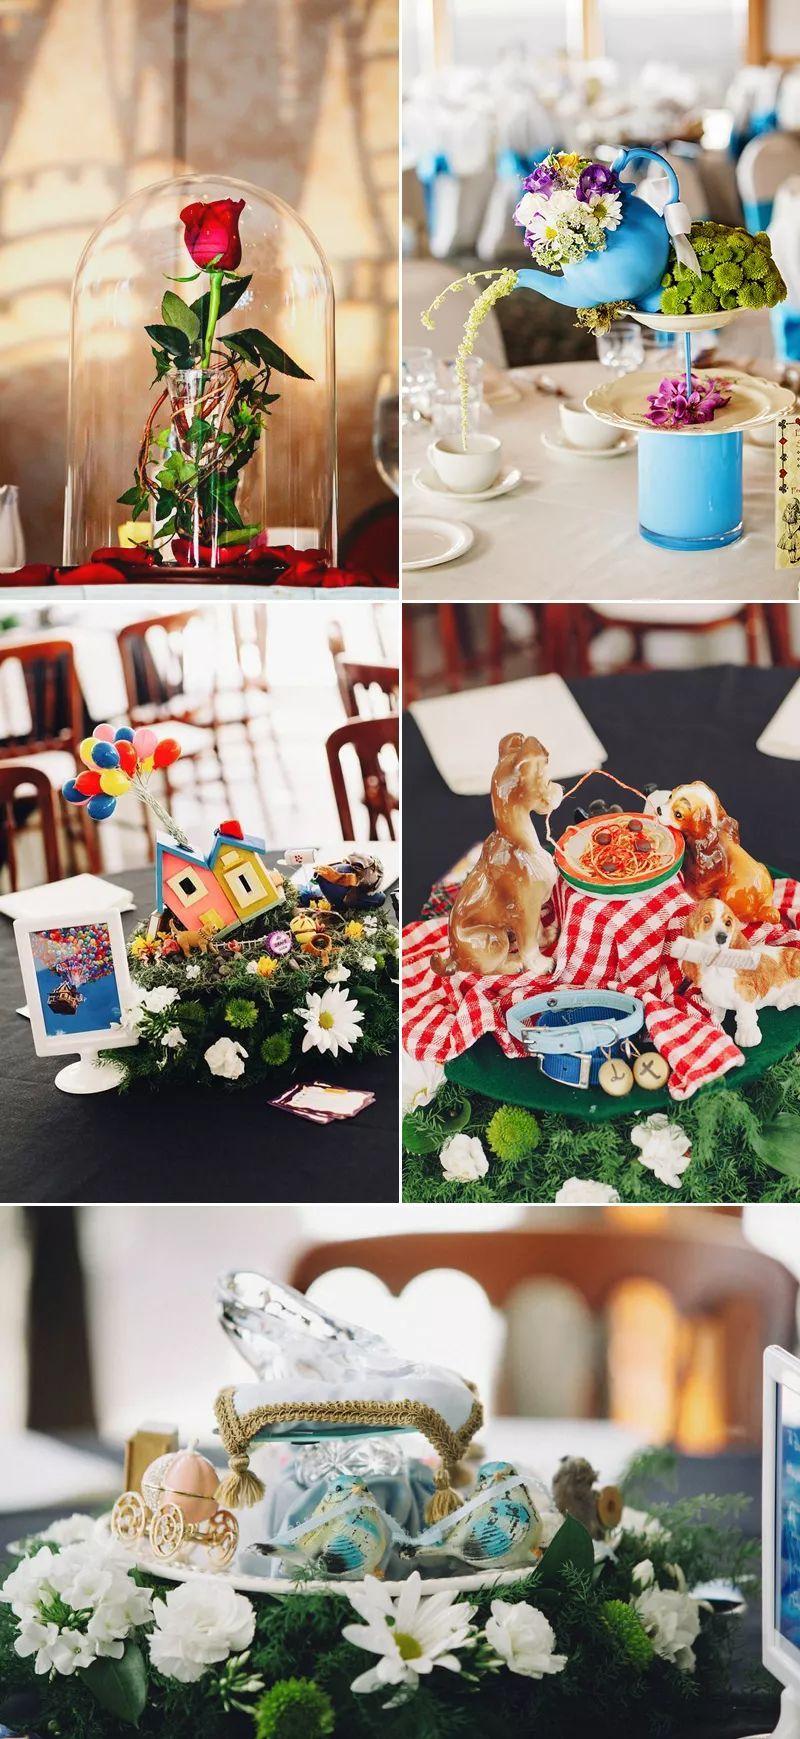 33种节省开销的创意时尚桌花 打造梦幻婚礼